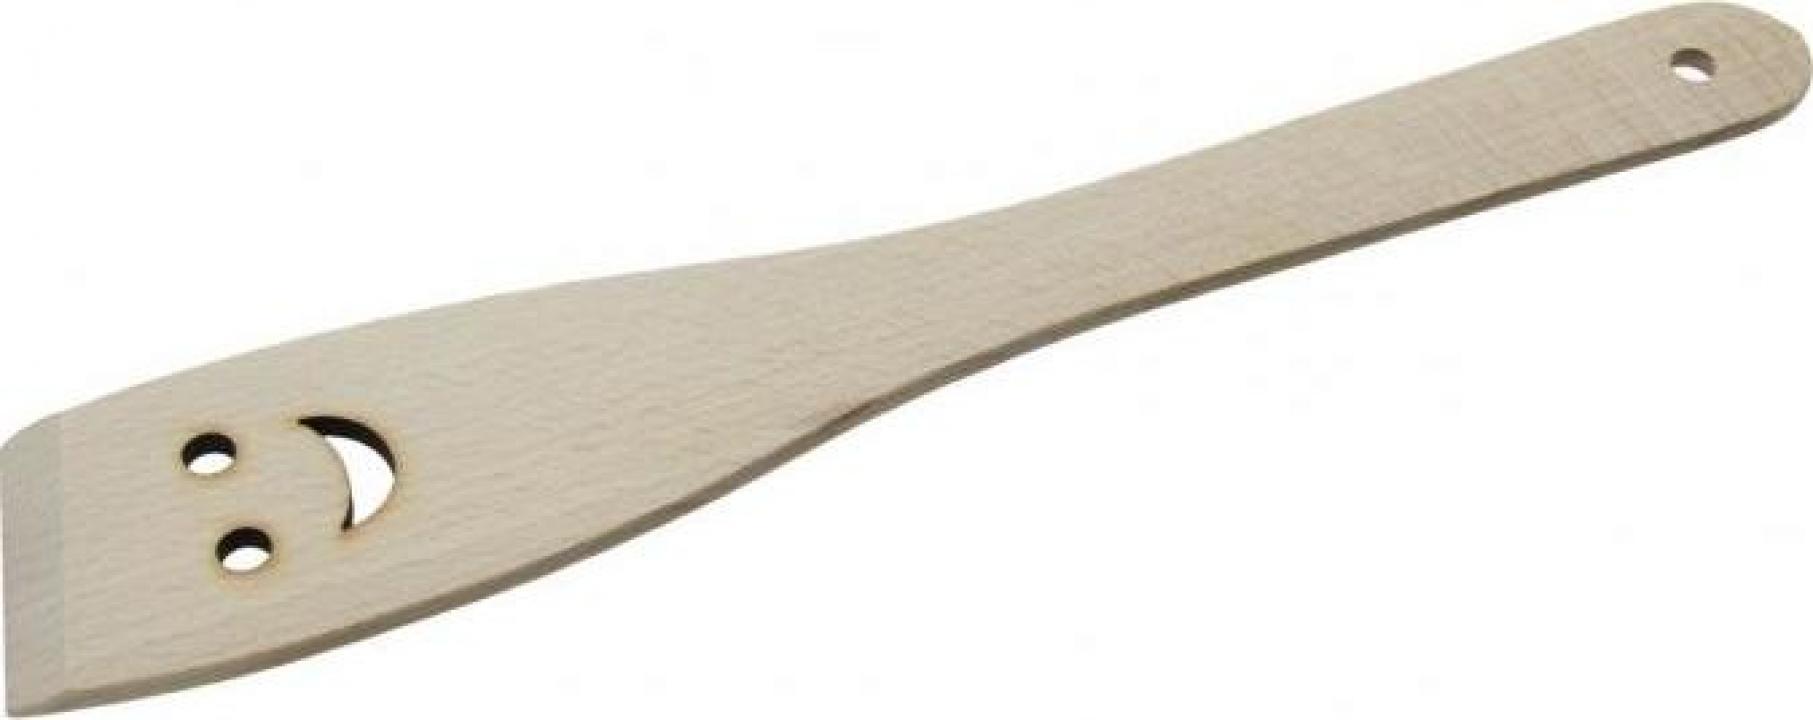 Lingura din lemn dreapta cu orificiu